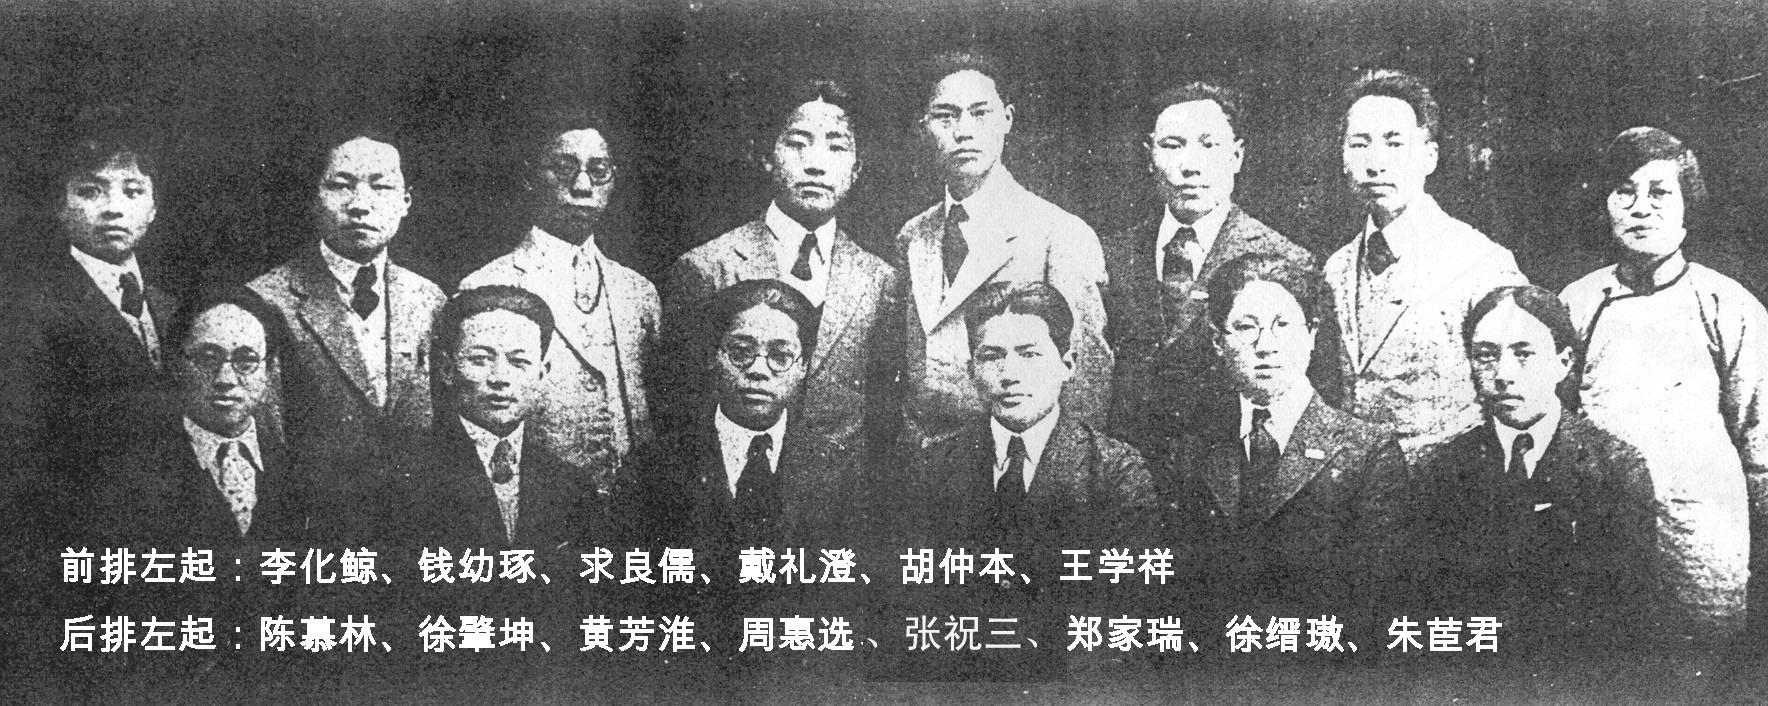 1931年—蚕学系首届毕业生